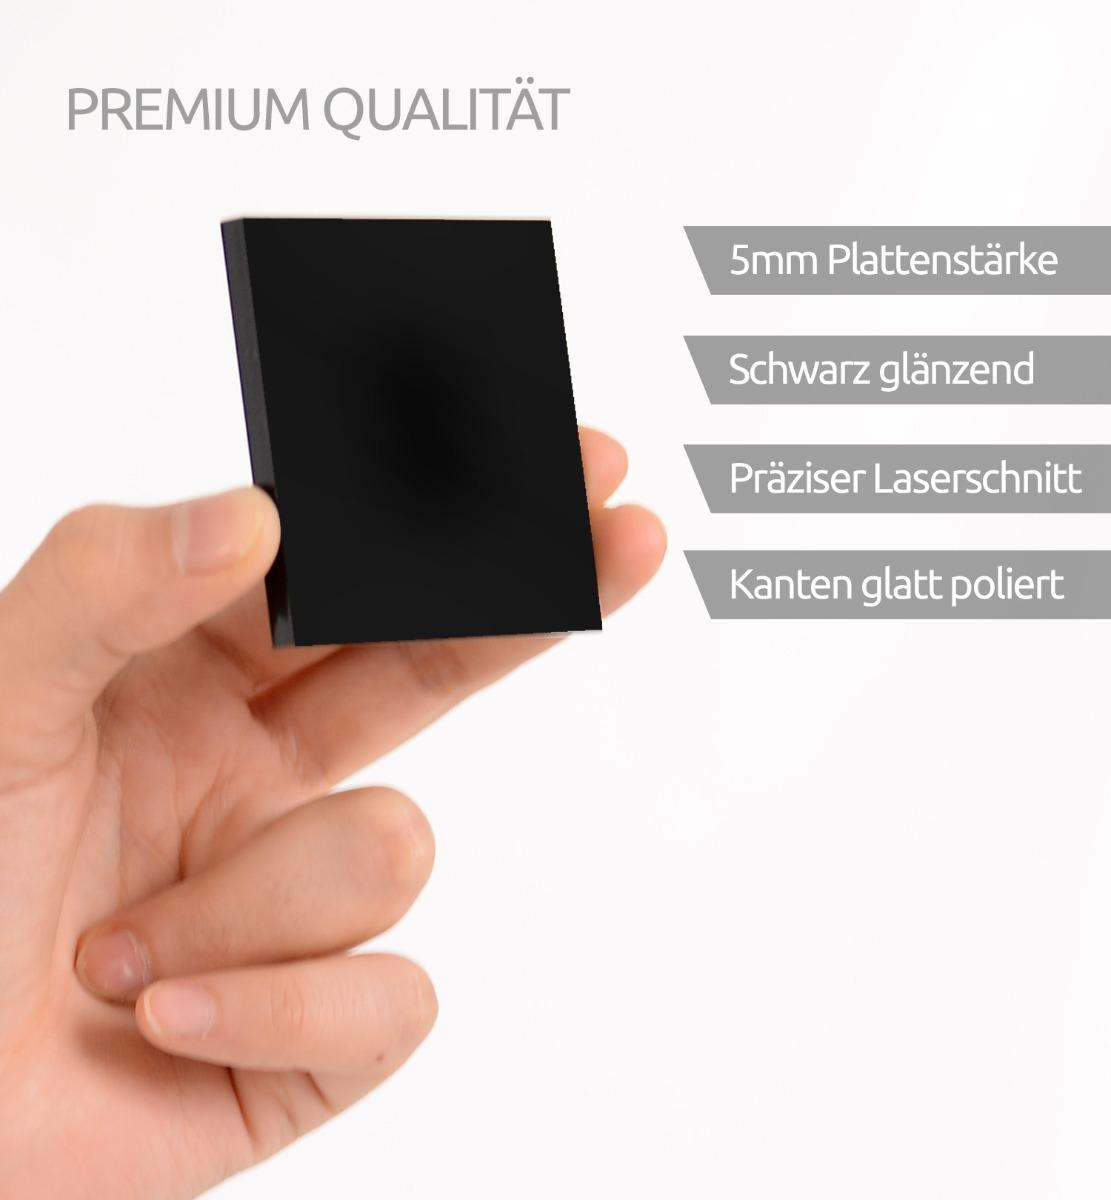 Acrylglassplatte schwarz - Vorteile